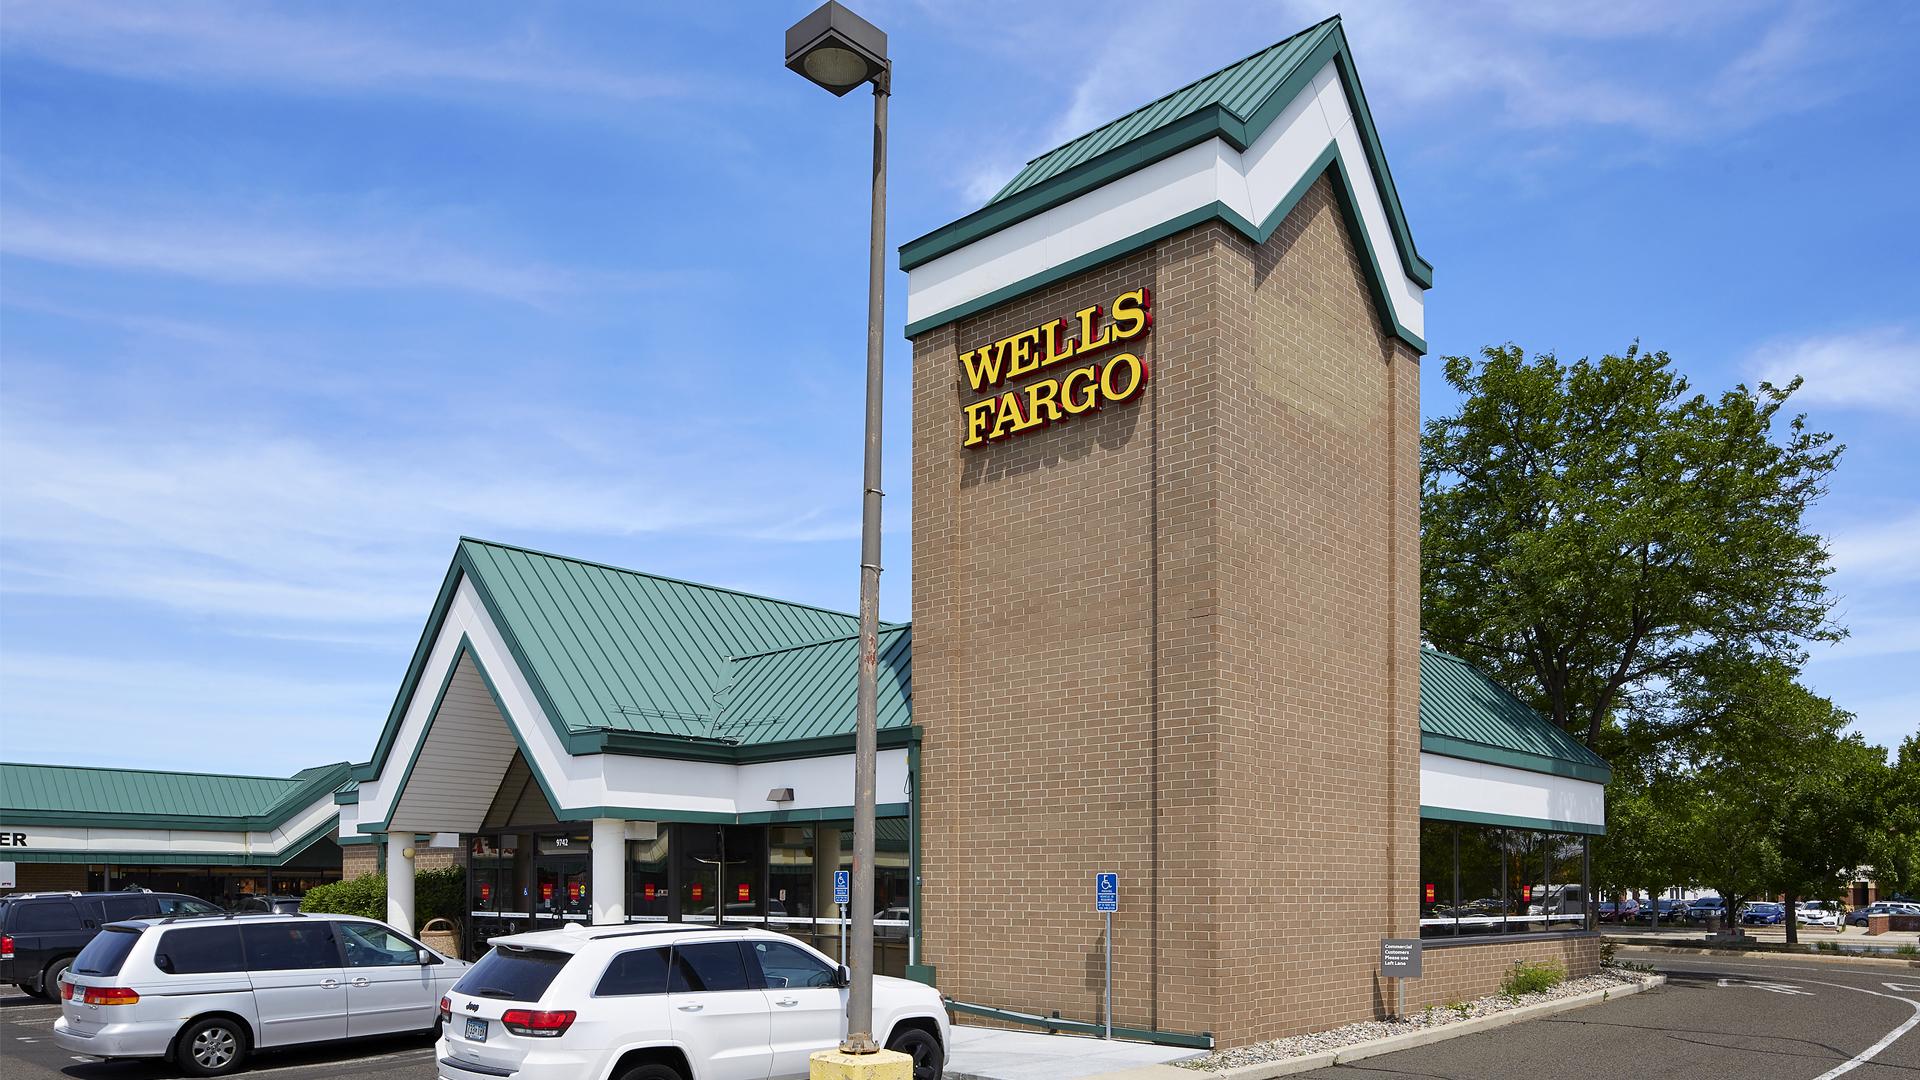 Clover Retail Shopping Center Wells Fargo Bank Tower View